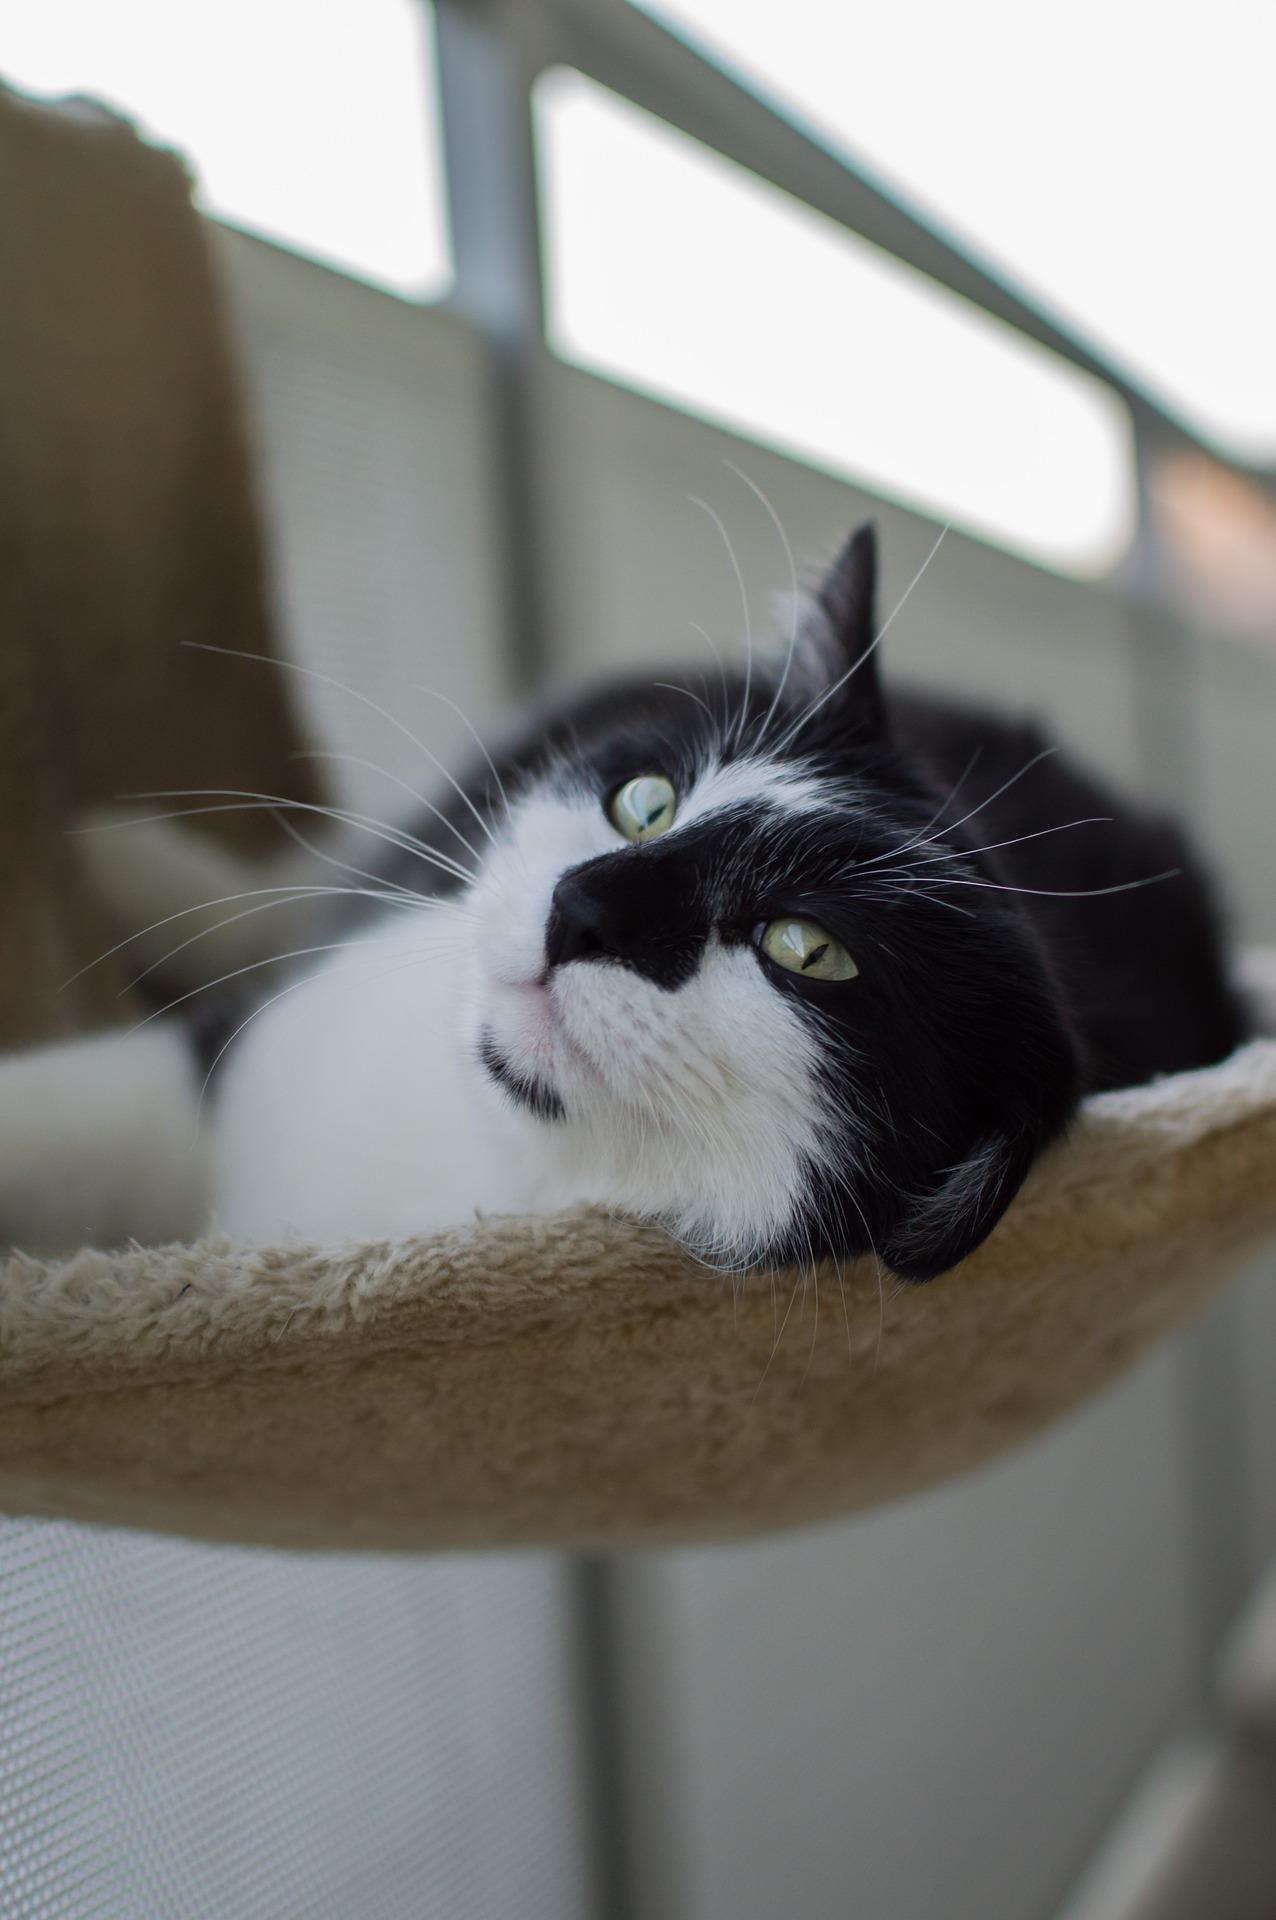 come fare foto perfette al gatto: 5 consigli utili